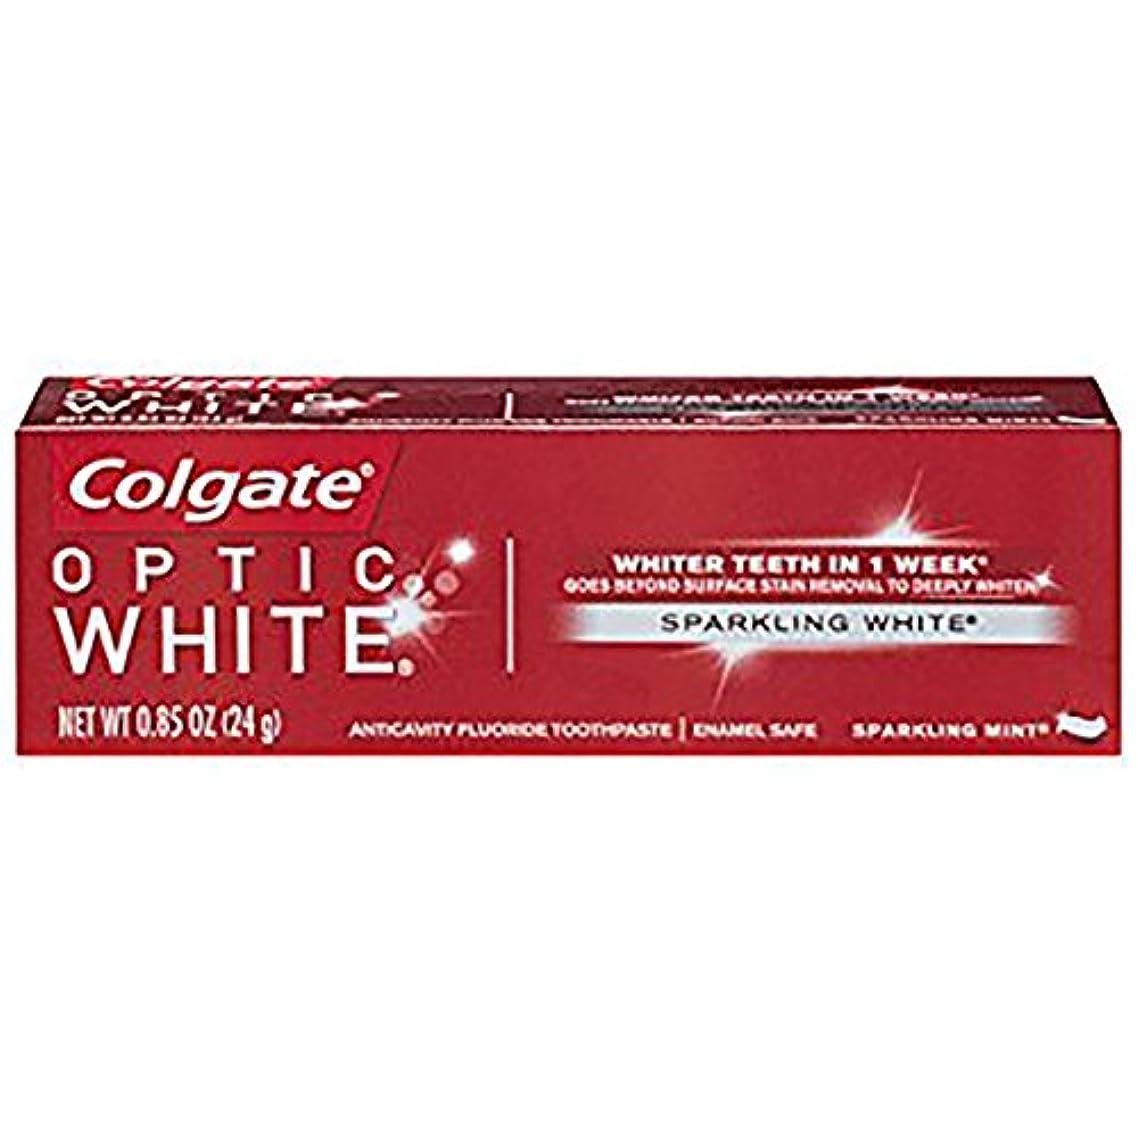 後世ハイキングに行く漁師コルゲート ホワイトニング Colgate 24g Optic White Sparkling White 白い歯 歯磨き粉 ミント